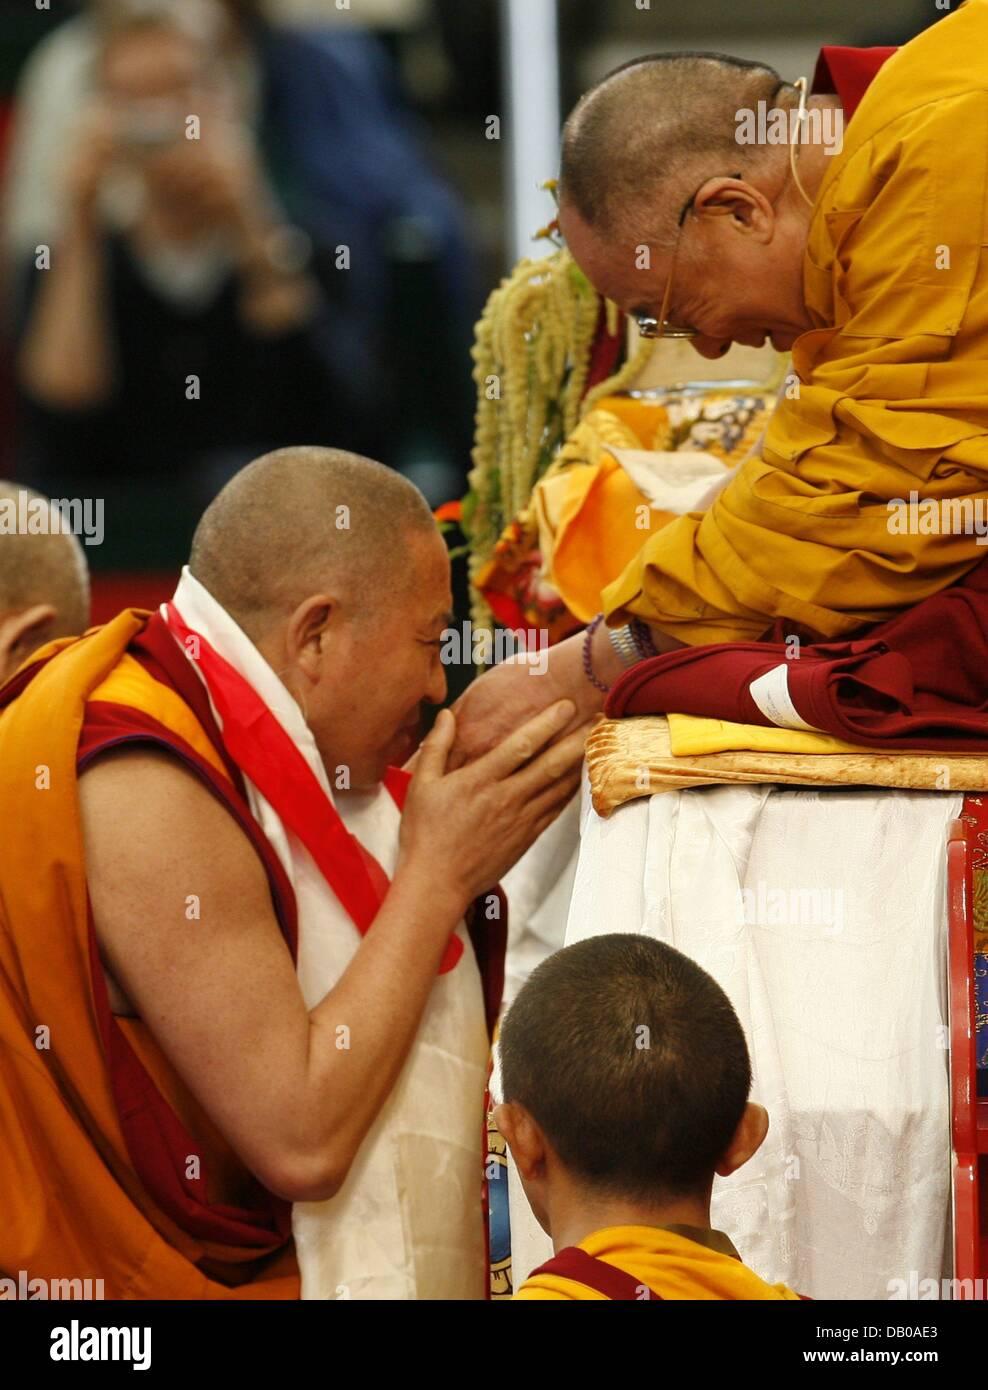 Un monaco entra in contatto con il Dalai Lama (R) sul suo trono ad Amburgo, Germania, 27 luglio 2007. Il 72-anno Immagini Stock